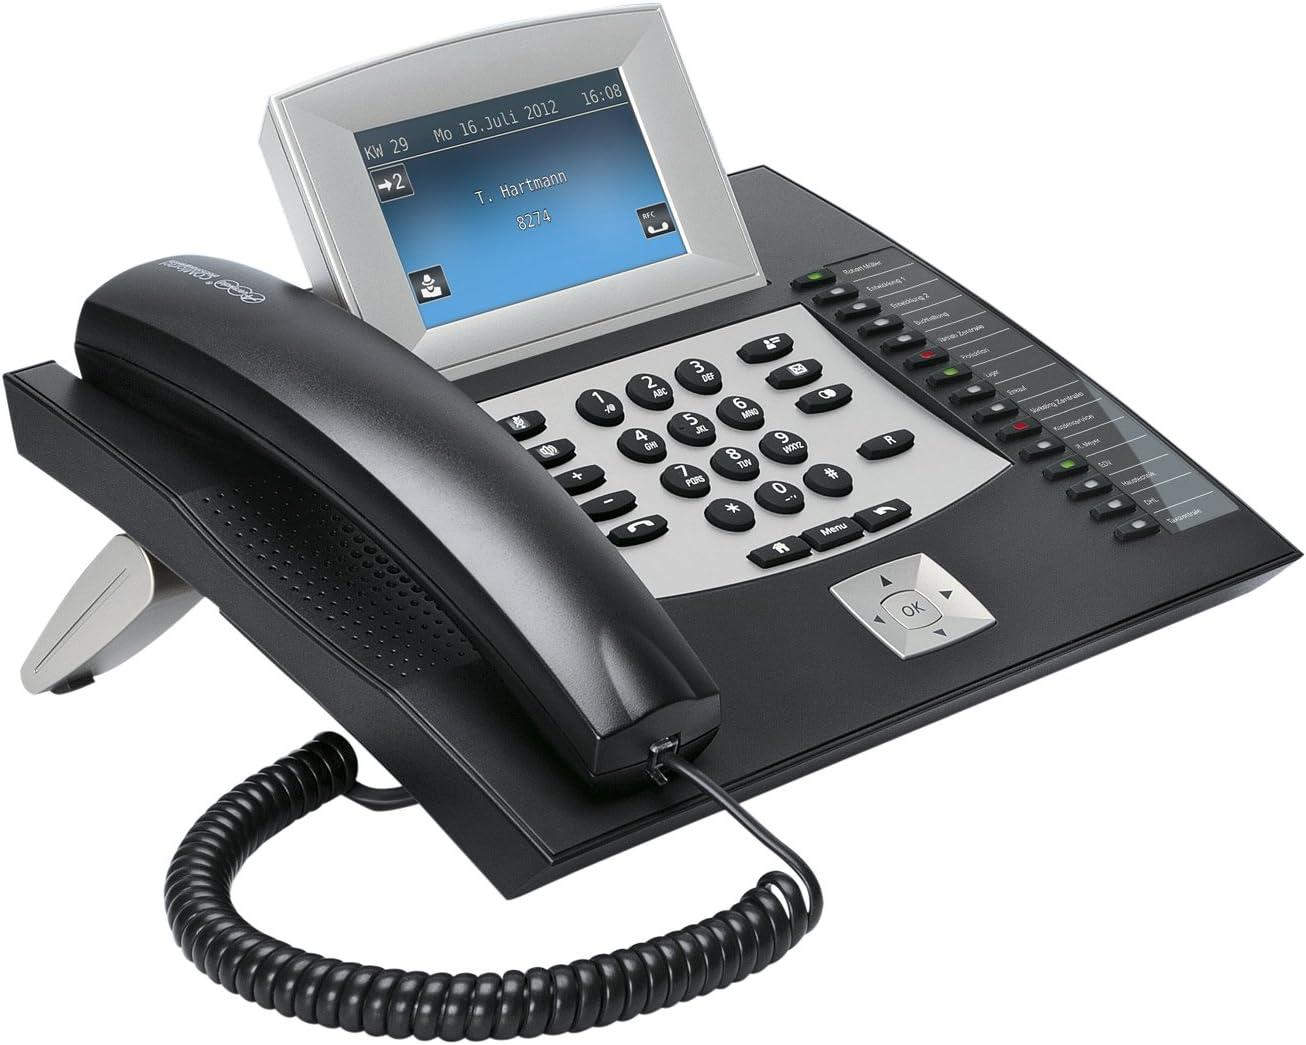 Auerswald COMfortel 2600 Telefon mit Anrufbeantworter und Freisprecheinrichtung (10,9 cm (4,3 Zoll) Farbdisplay, SD Kartenslot, USB) schwarz